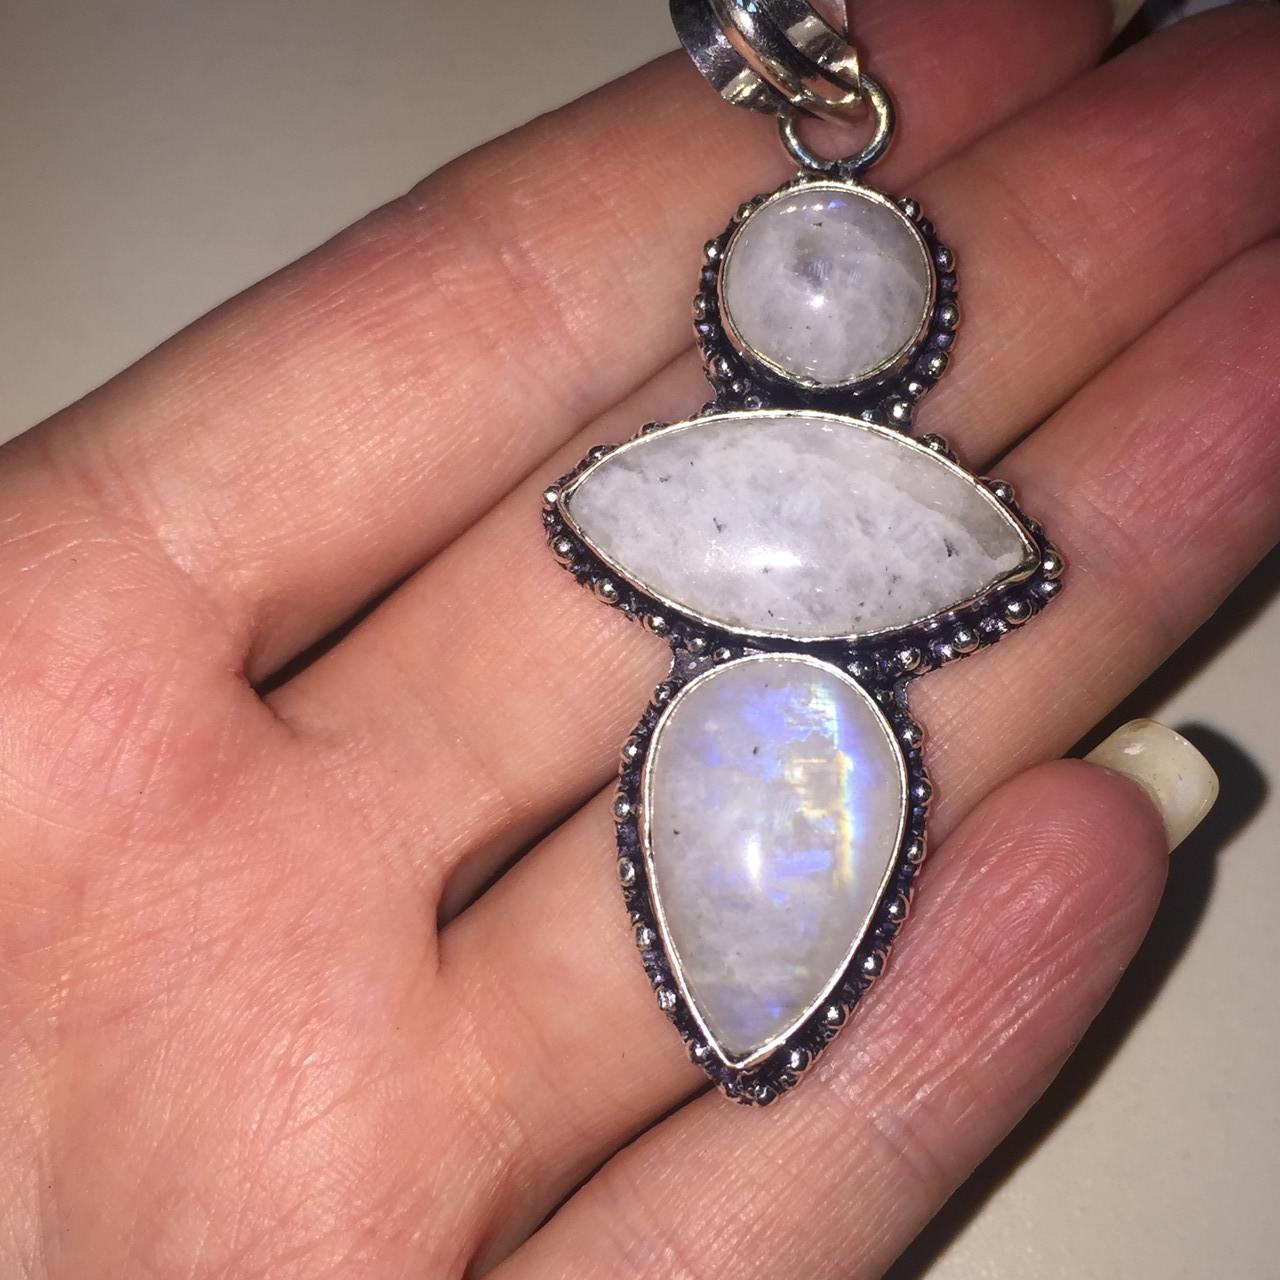 Лунный камень тройной кулон с натуральным лунным камнем в серебре Индия